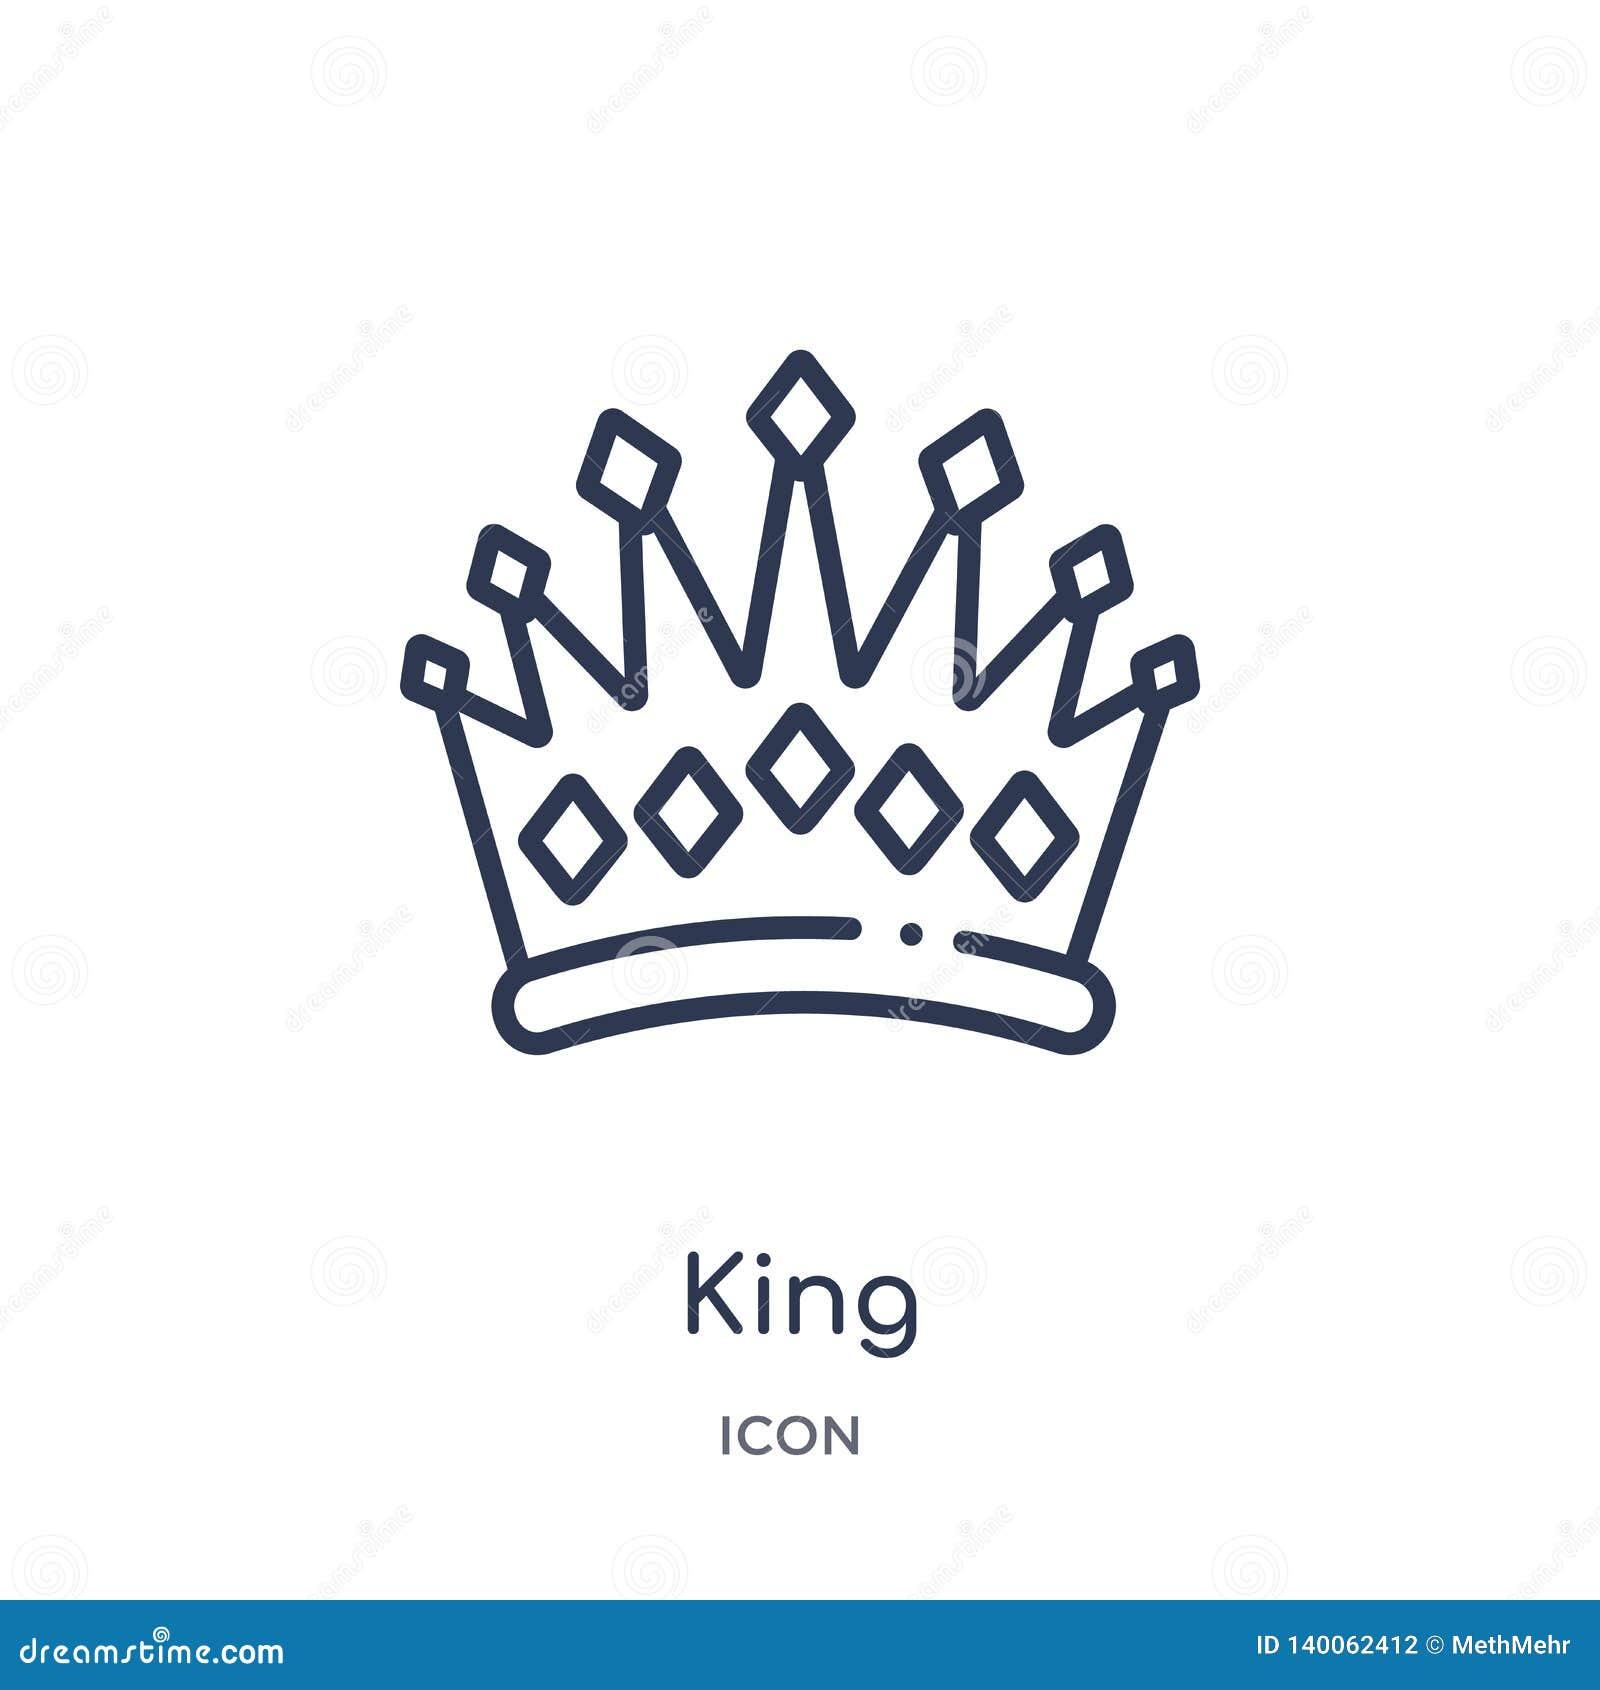 Ícone linear do rei da coleção luxuosa do esboço Linha fina ícone do rei isolado no fundo branco ilustração na moda do rei